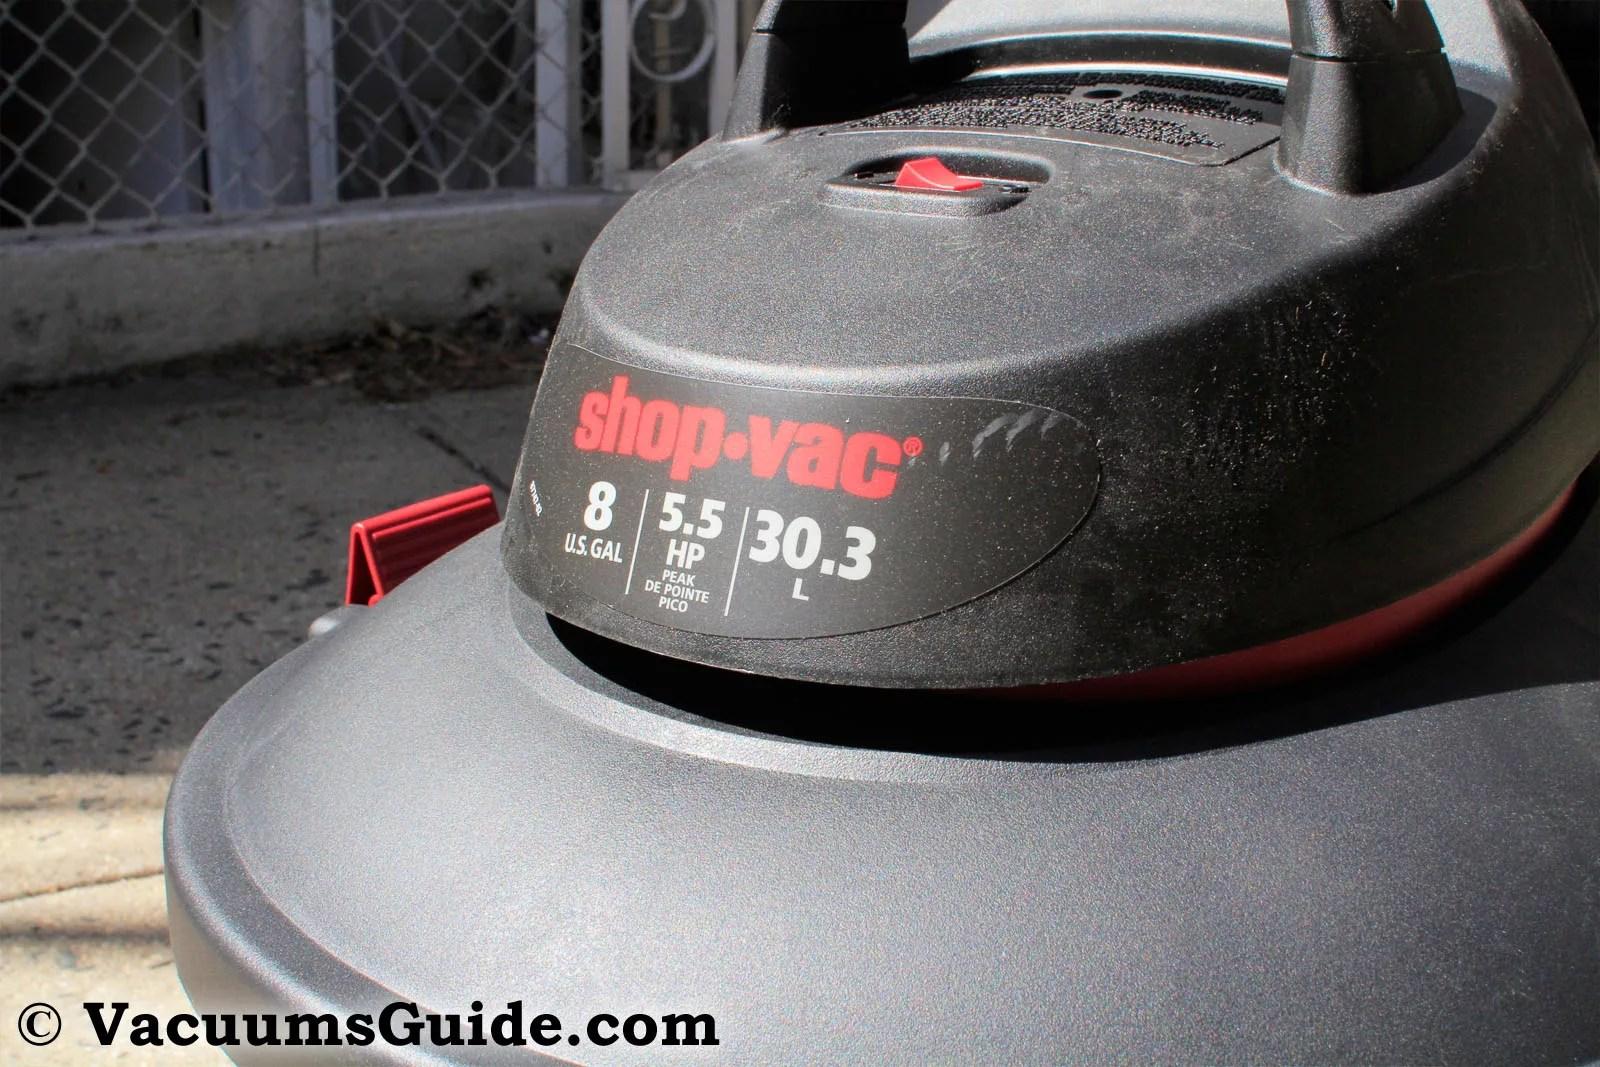 Shop-Vac 5986100 front view